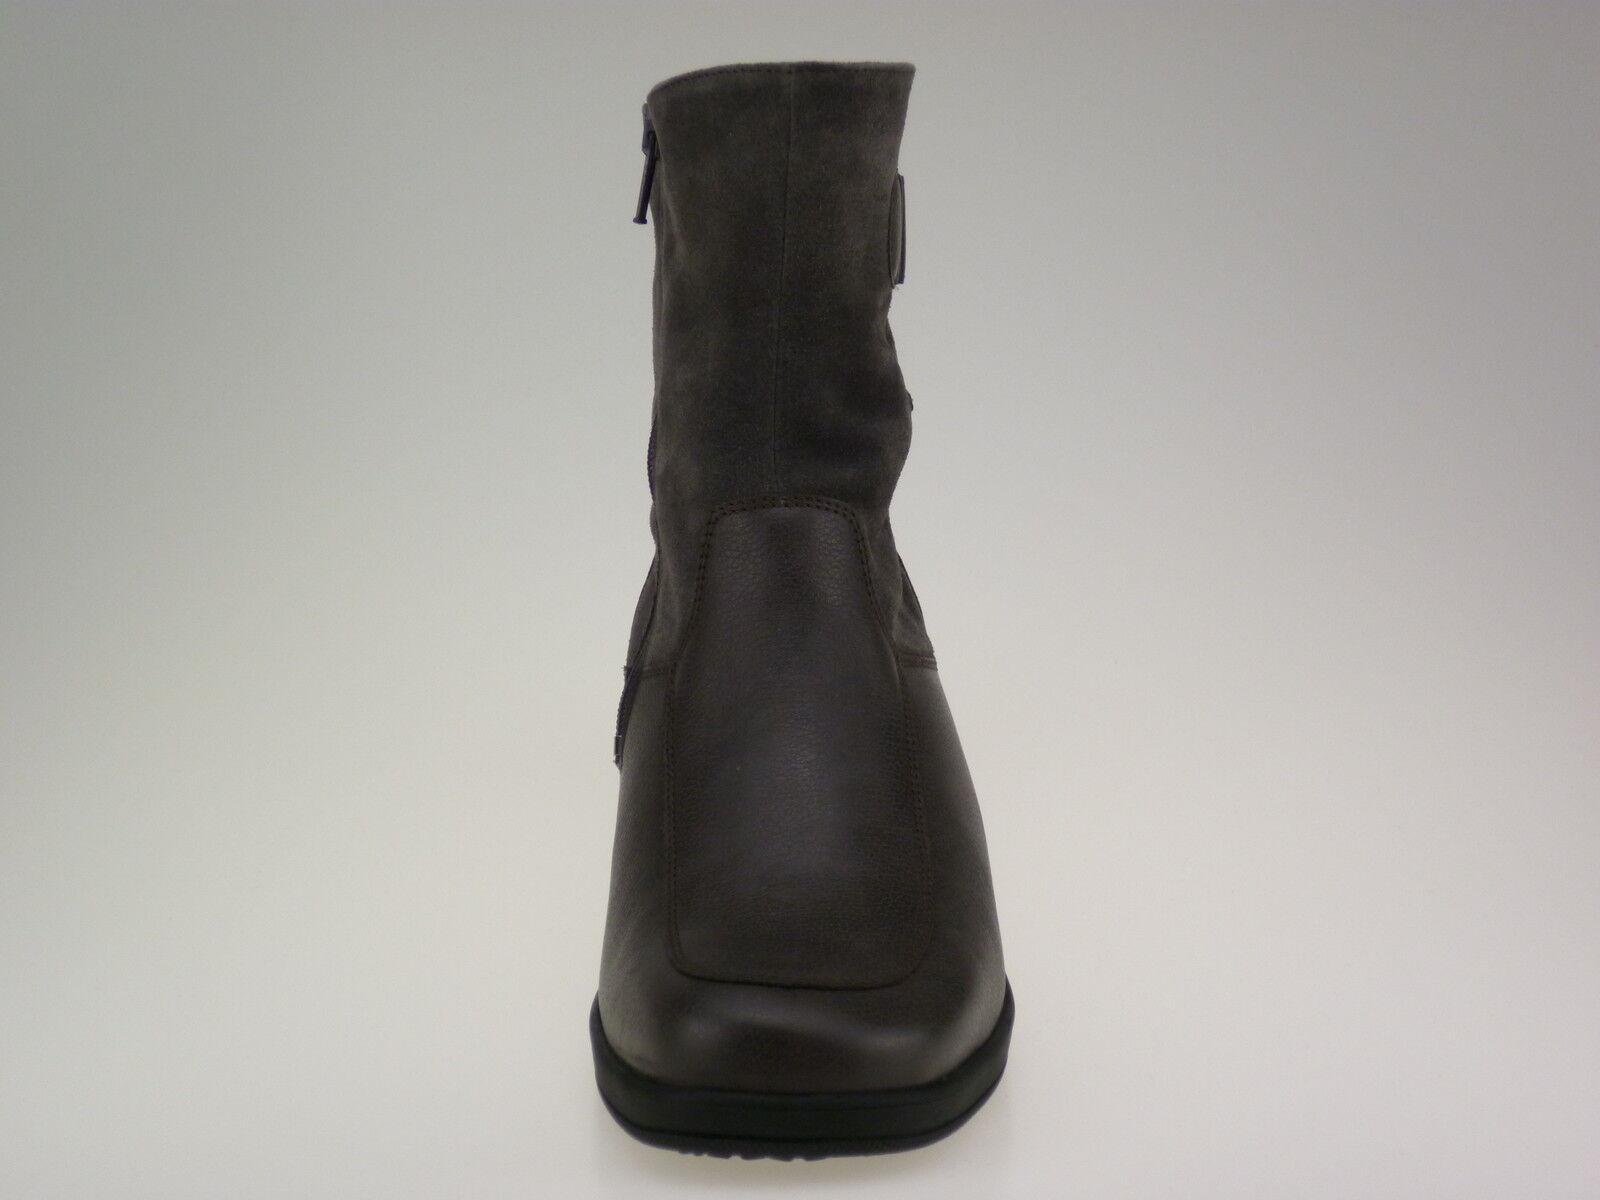 Meisi Hanni 37 37,5 38 39,5 40 41,5 botines de cuero marrón ancho h nuevo